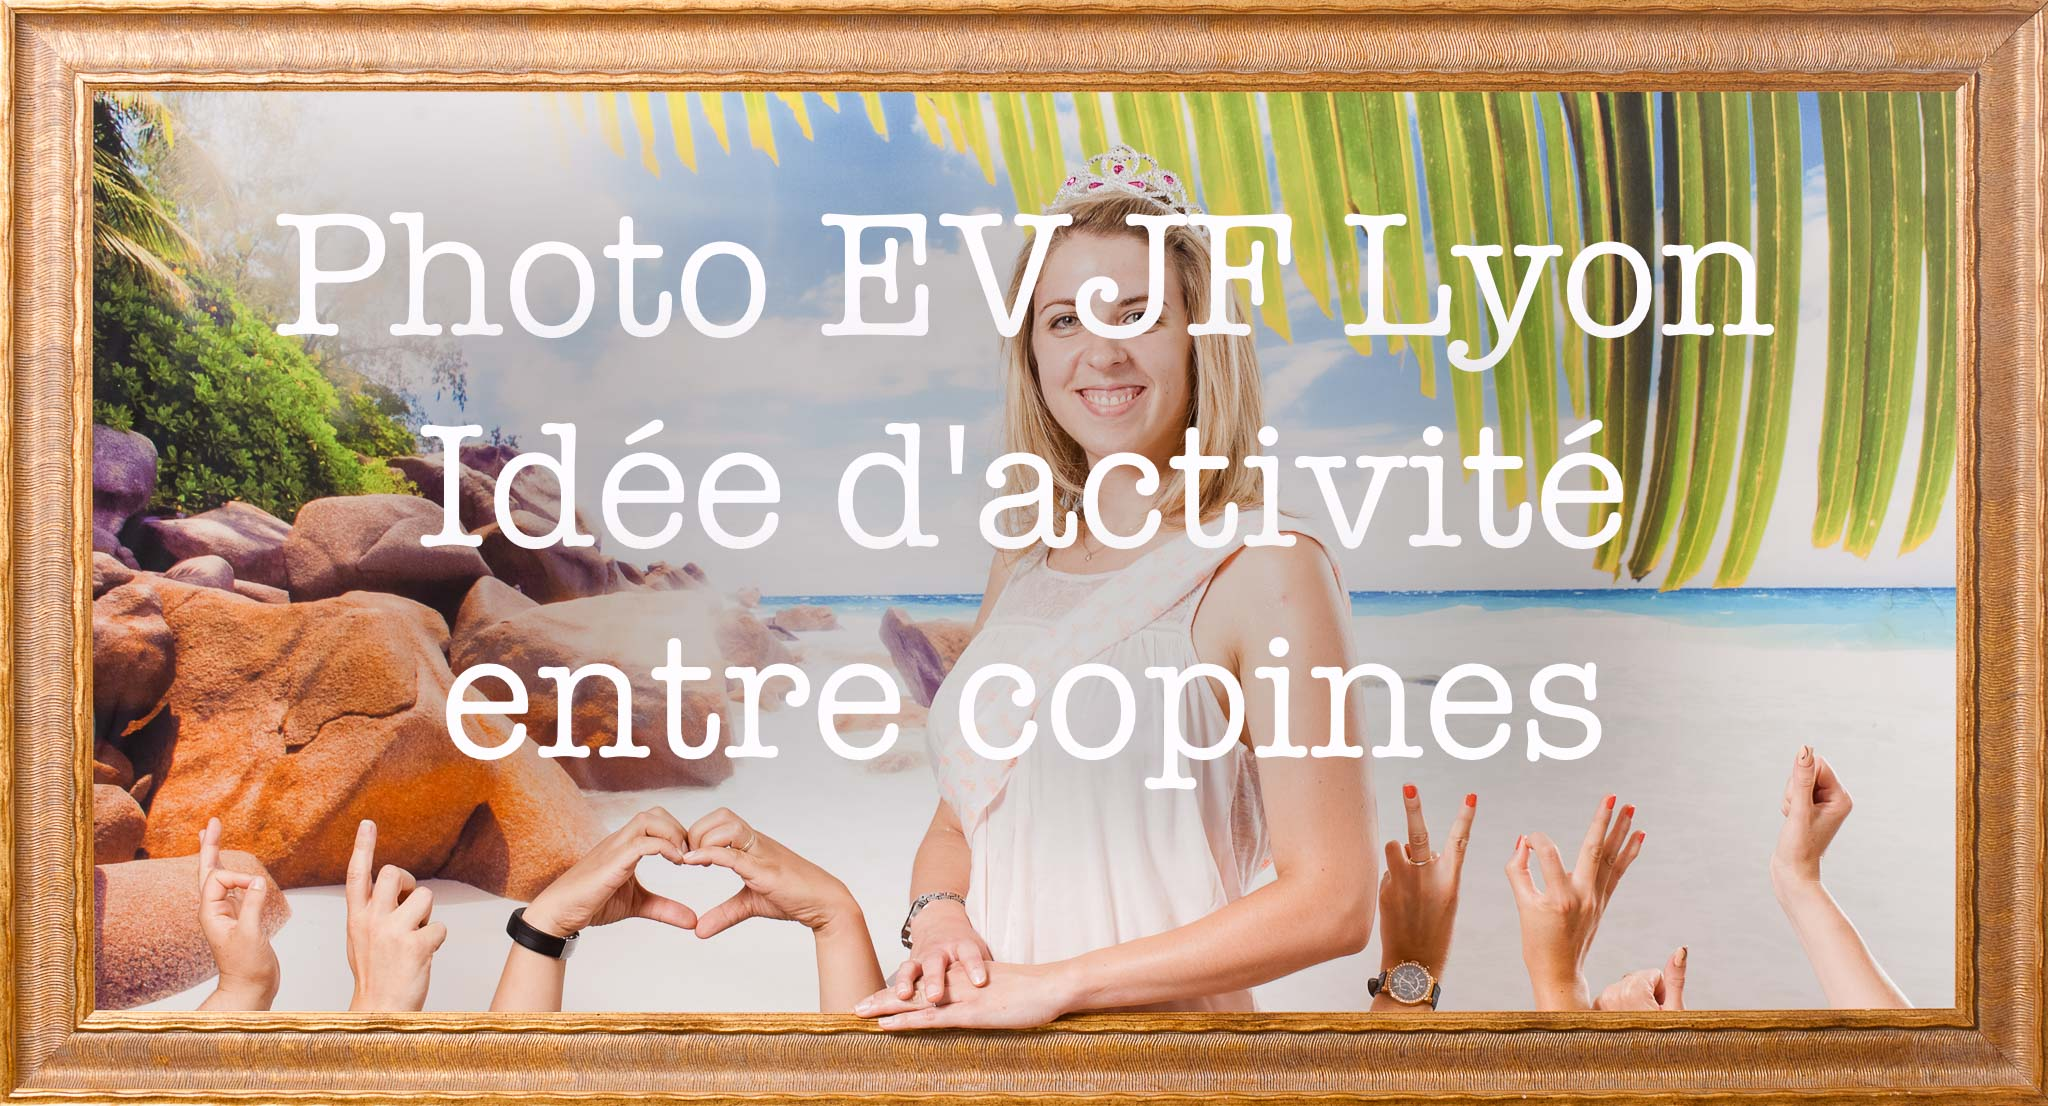 Photo EVJF Lyon idée d'activité entre copines, idées pour l'organisation d'activité originale pour enterrement de vie de jeune fille avec accessoires et déguisement entre copine pour un weekend